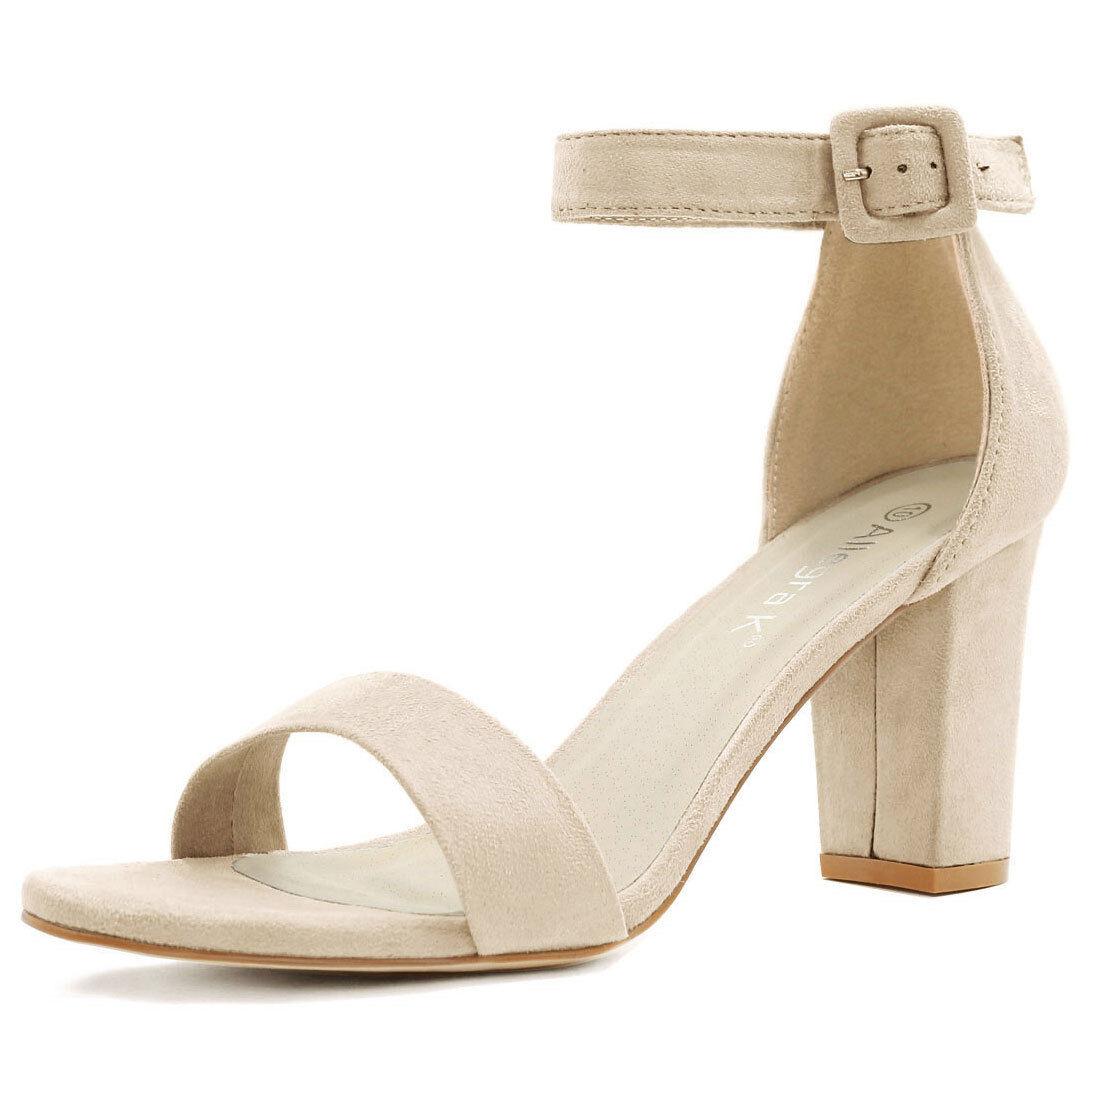 c130a87b11369 Allegra K Women's Open Toe Chunky High Heel Ankle Strap Sandals Beige US 6